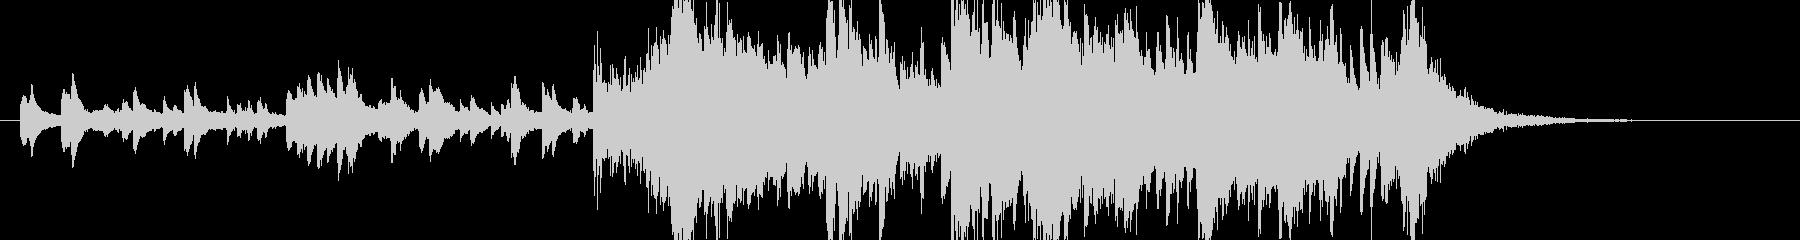 印象的なオープニング静→動オーケストラ の未再生の波形